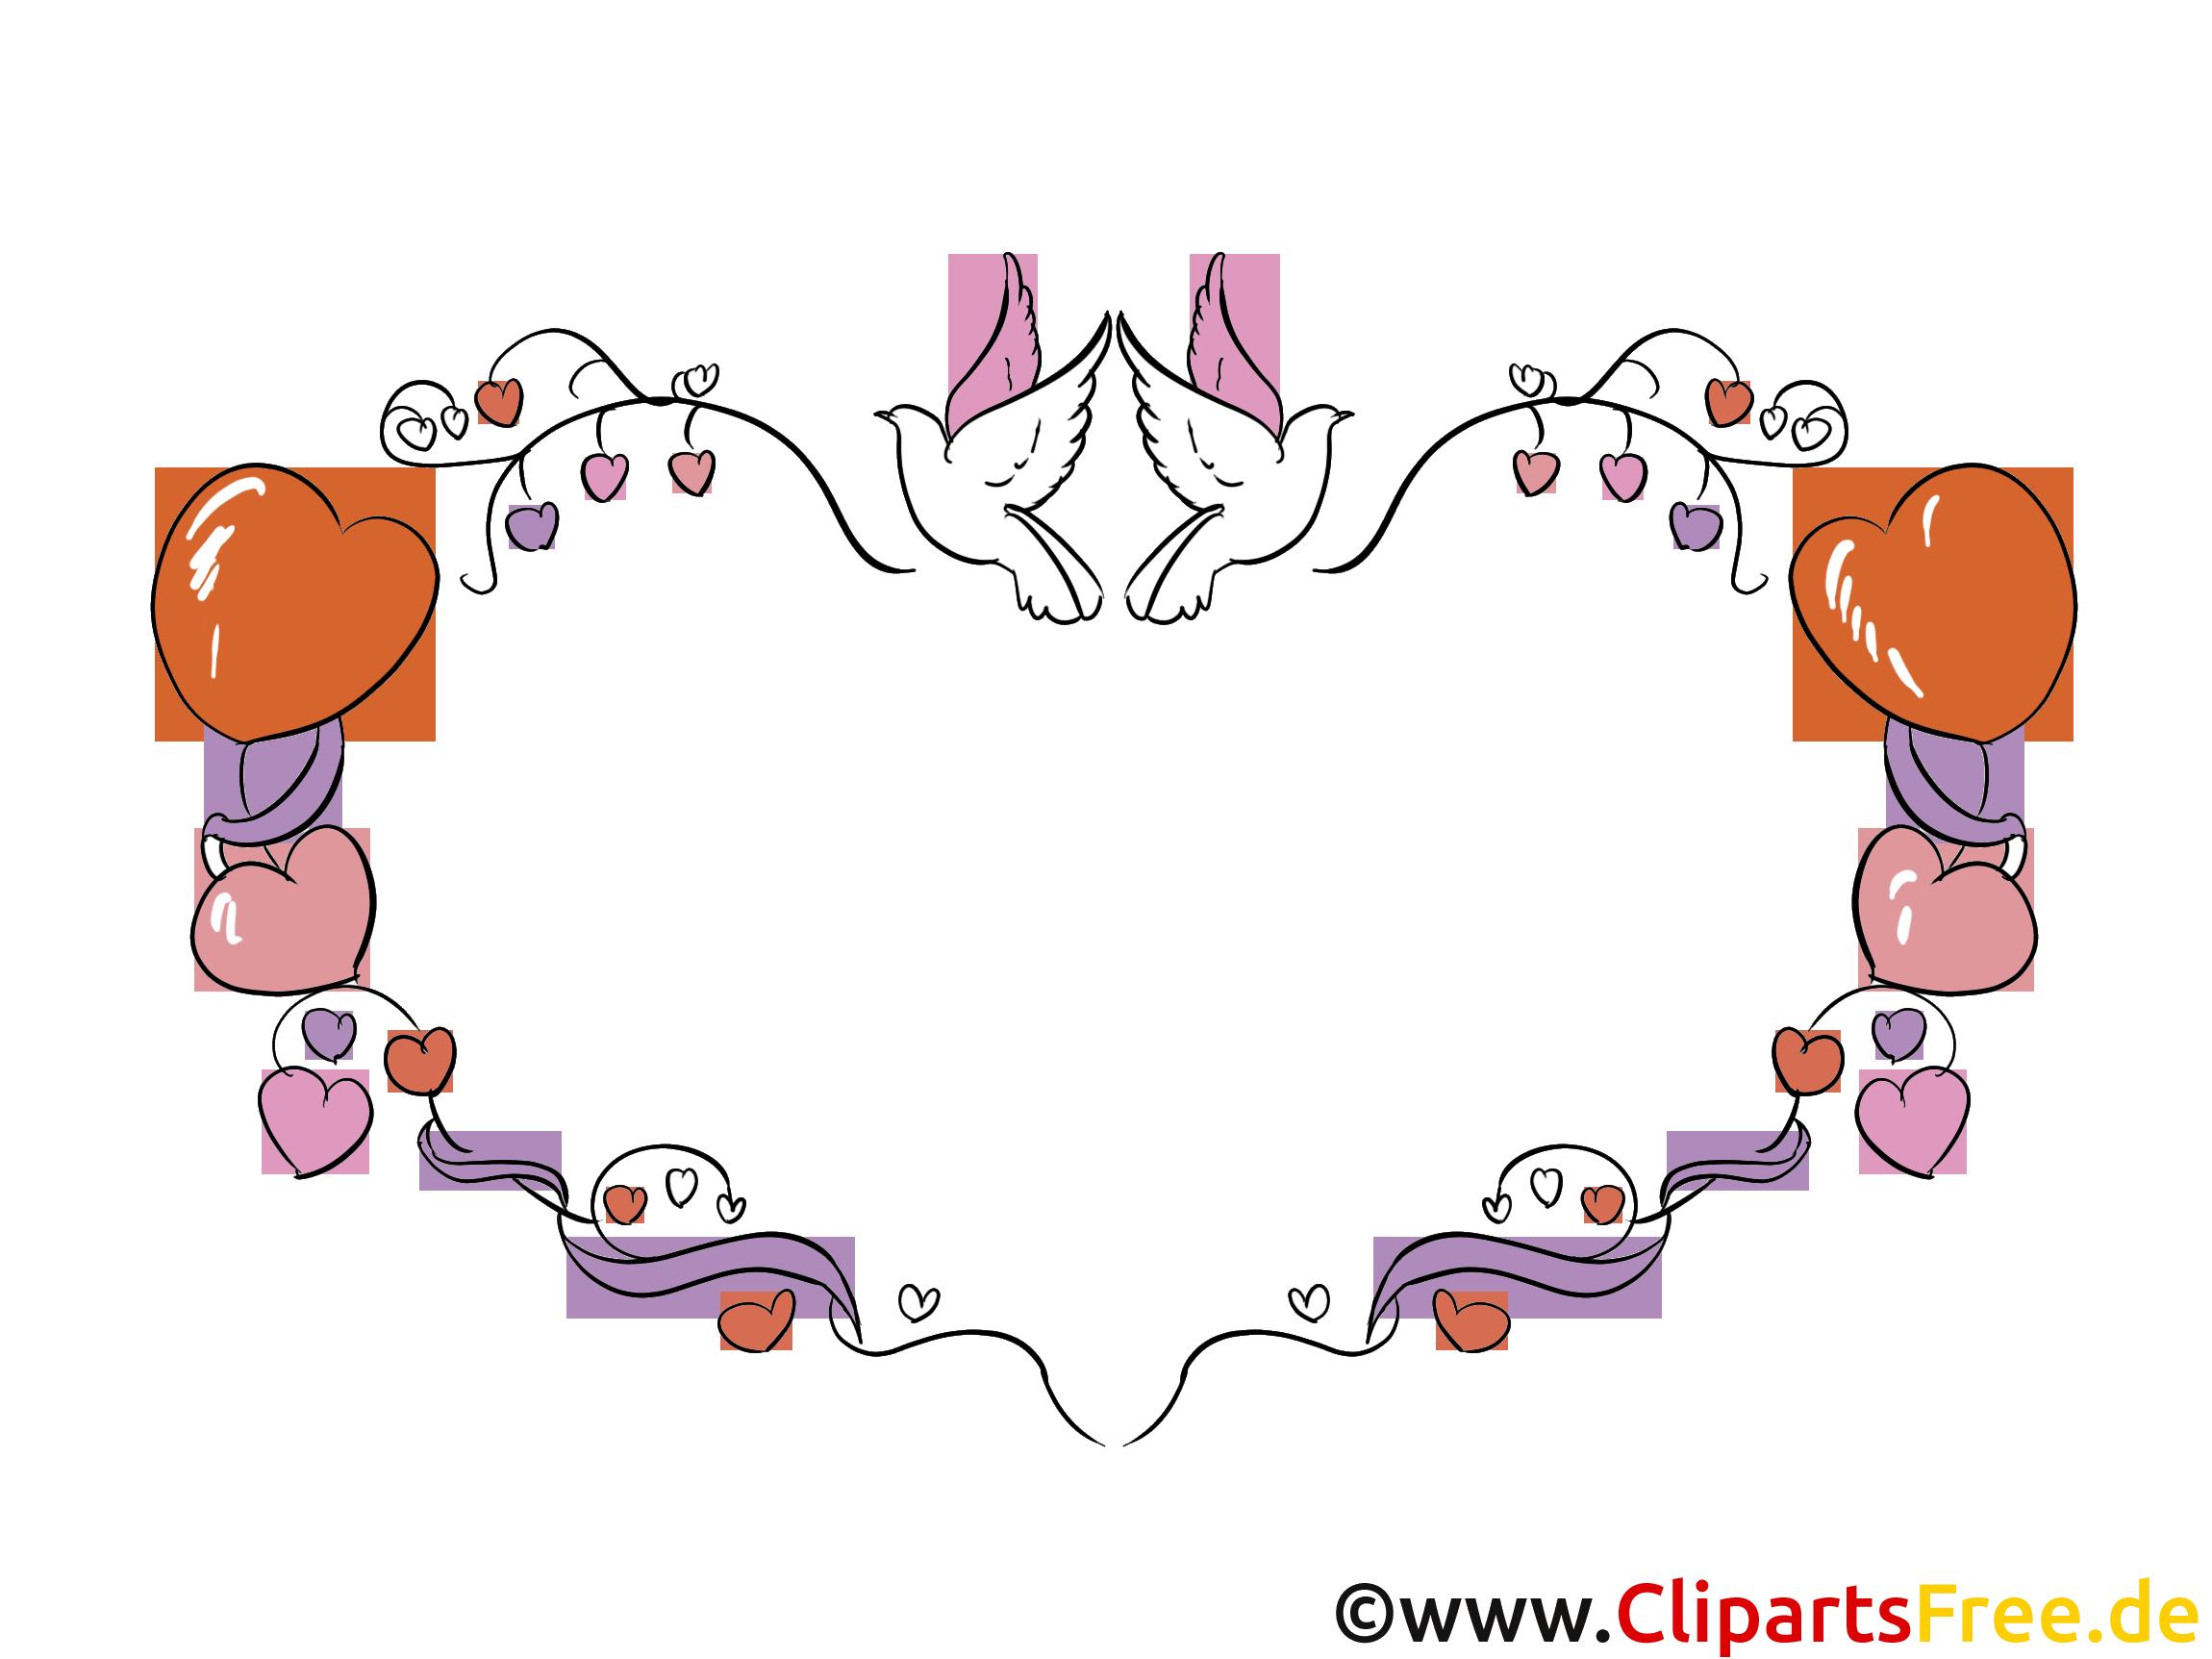 Wandtattoo Herz, Tauben, Liebe, Romantik